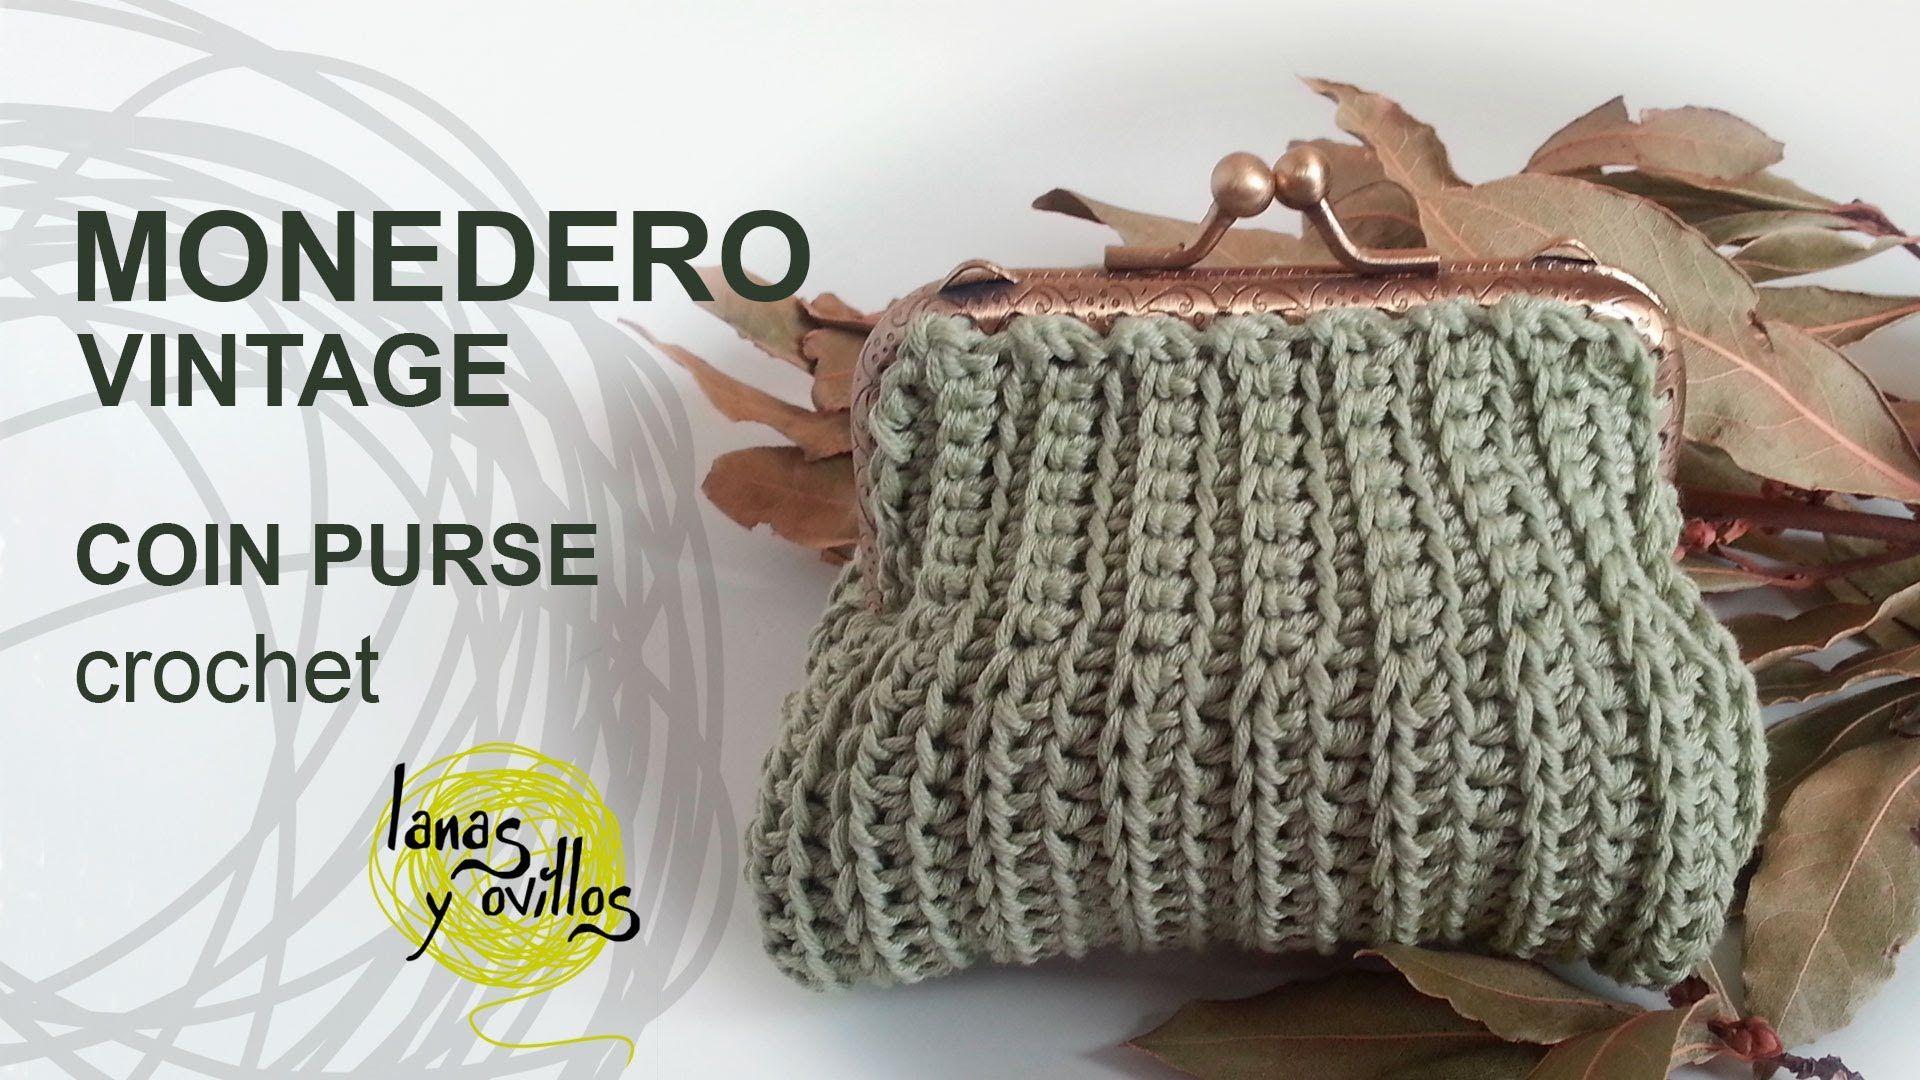 Puedes Ver El Patron Gratuito Aqui Httpgoogl24fizy Tutorial De - Monedero-crochet-patron